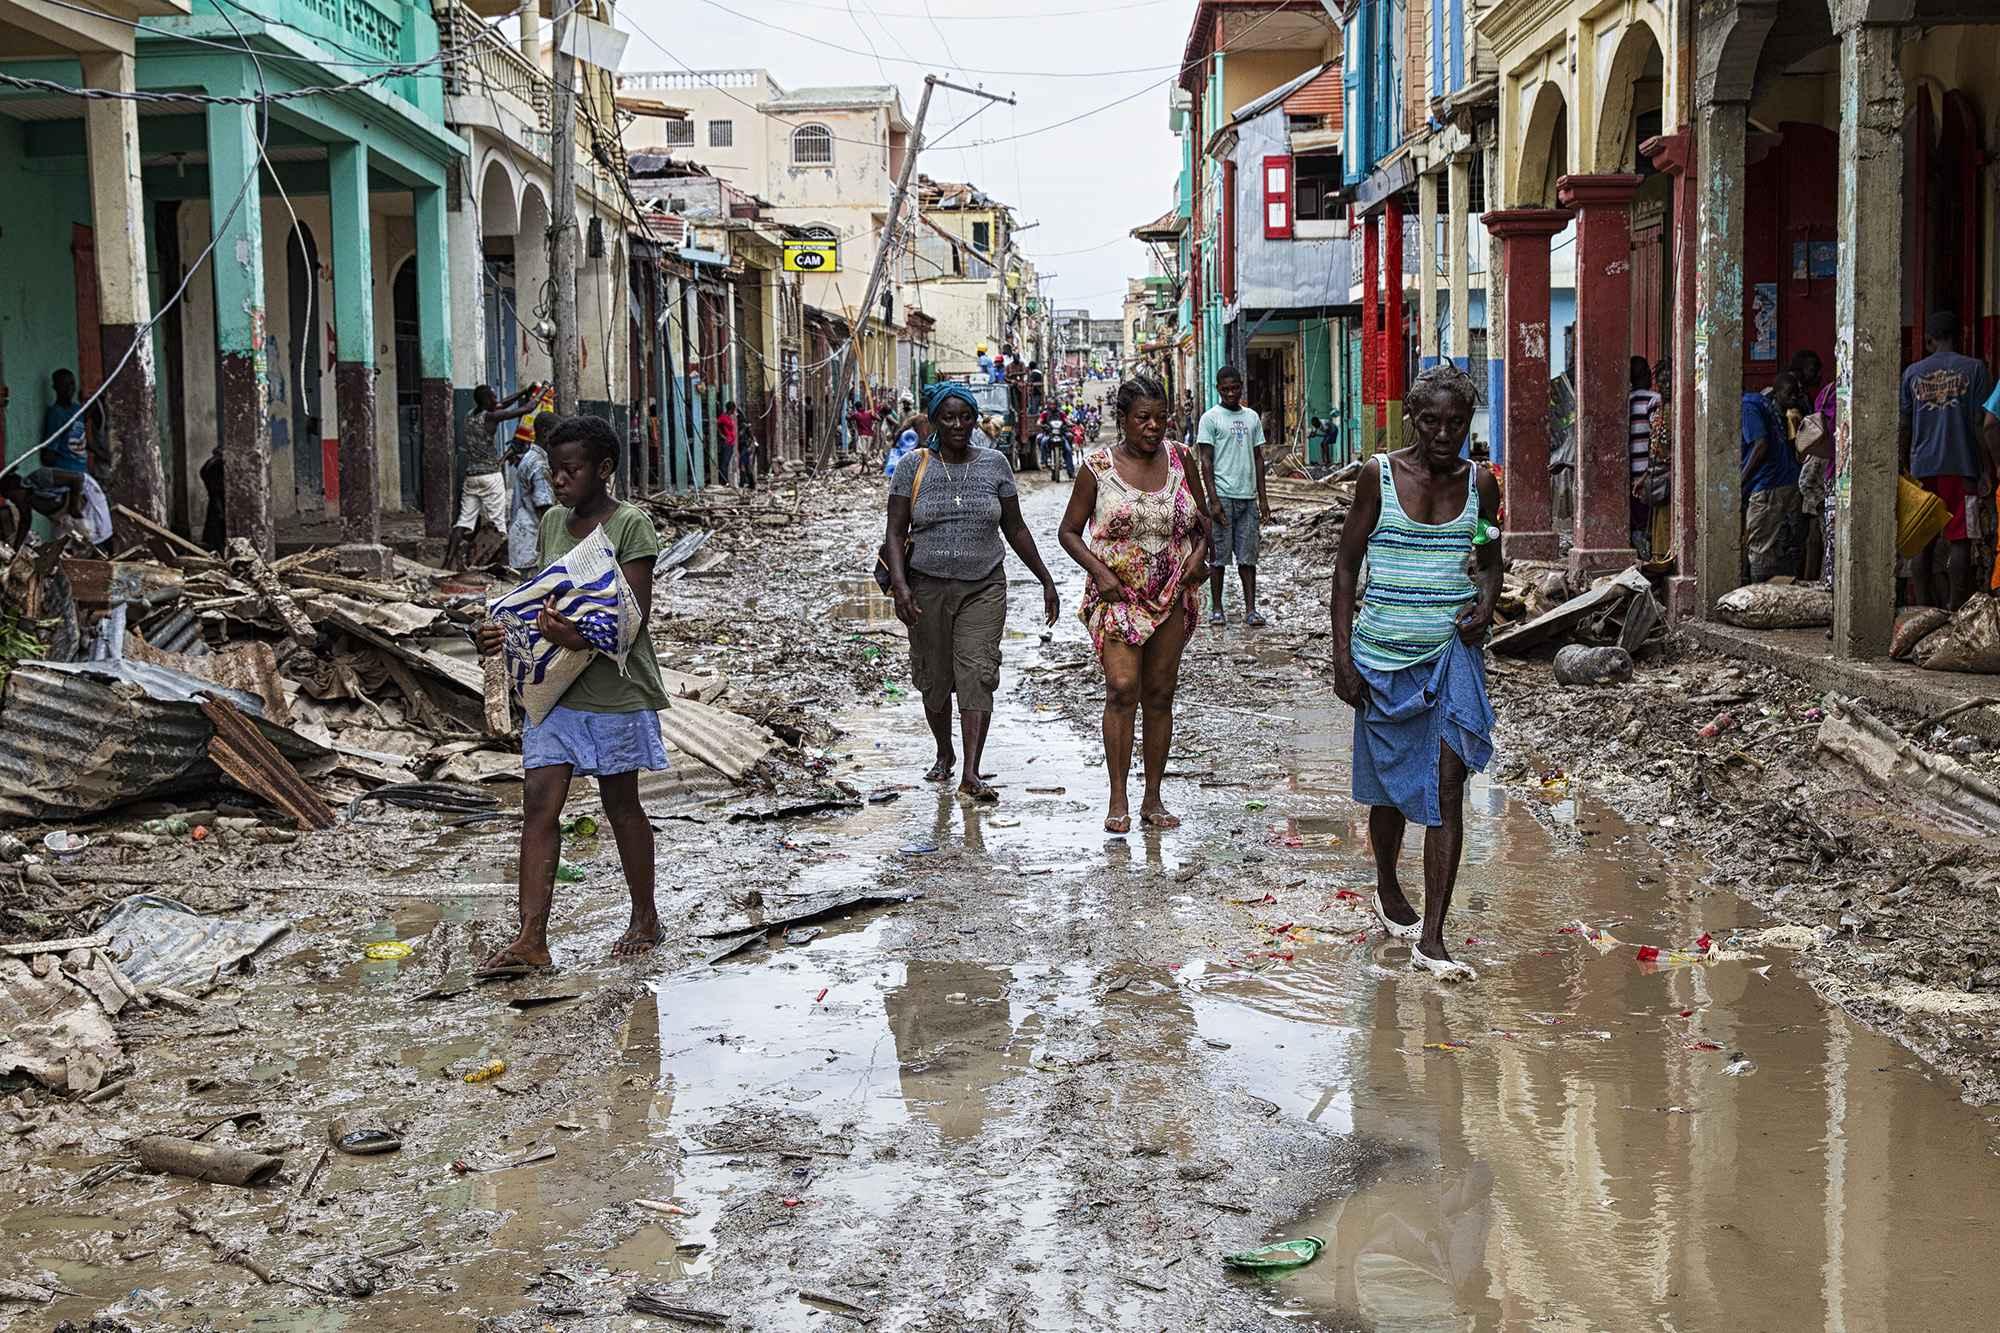 Comment s'appelle l'ouragan qui a touché la semaine dernière les côtes haïtiennes ?